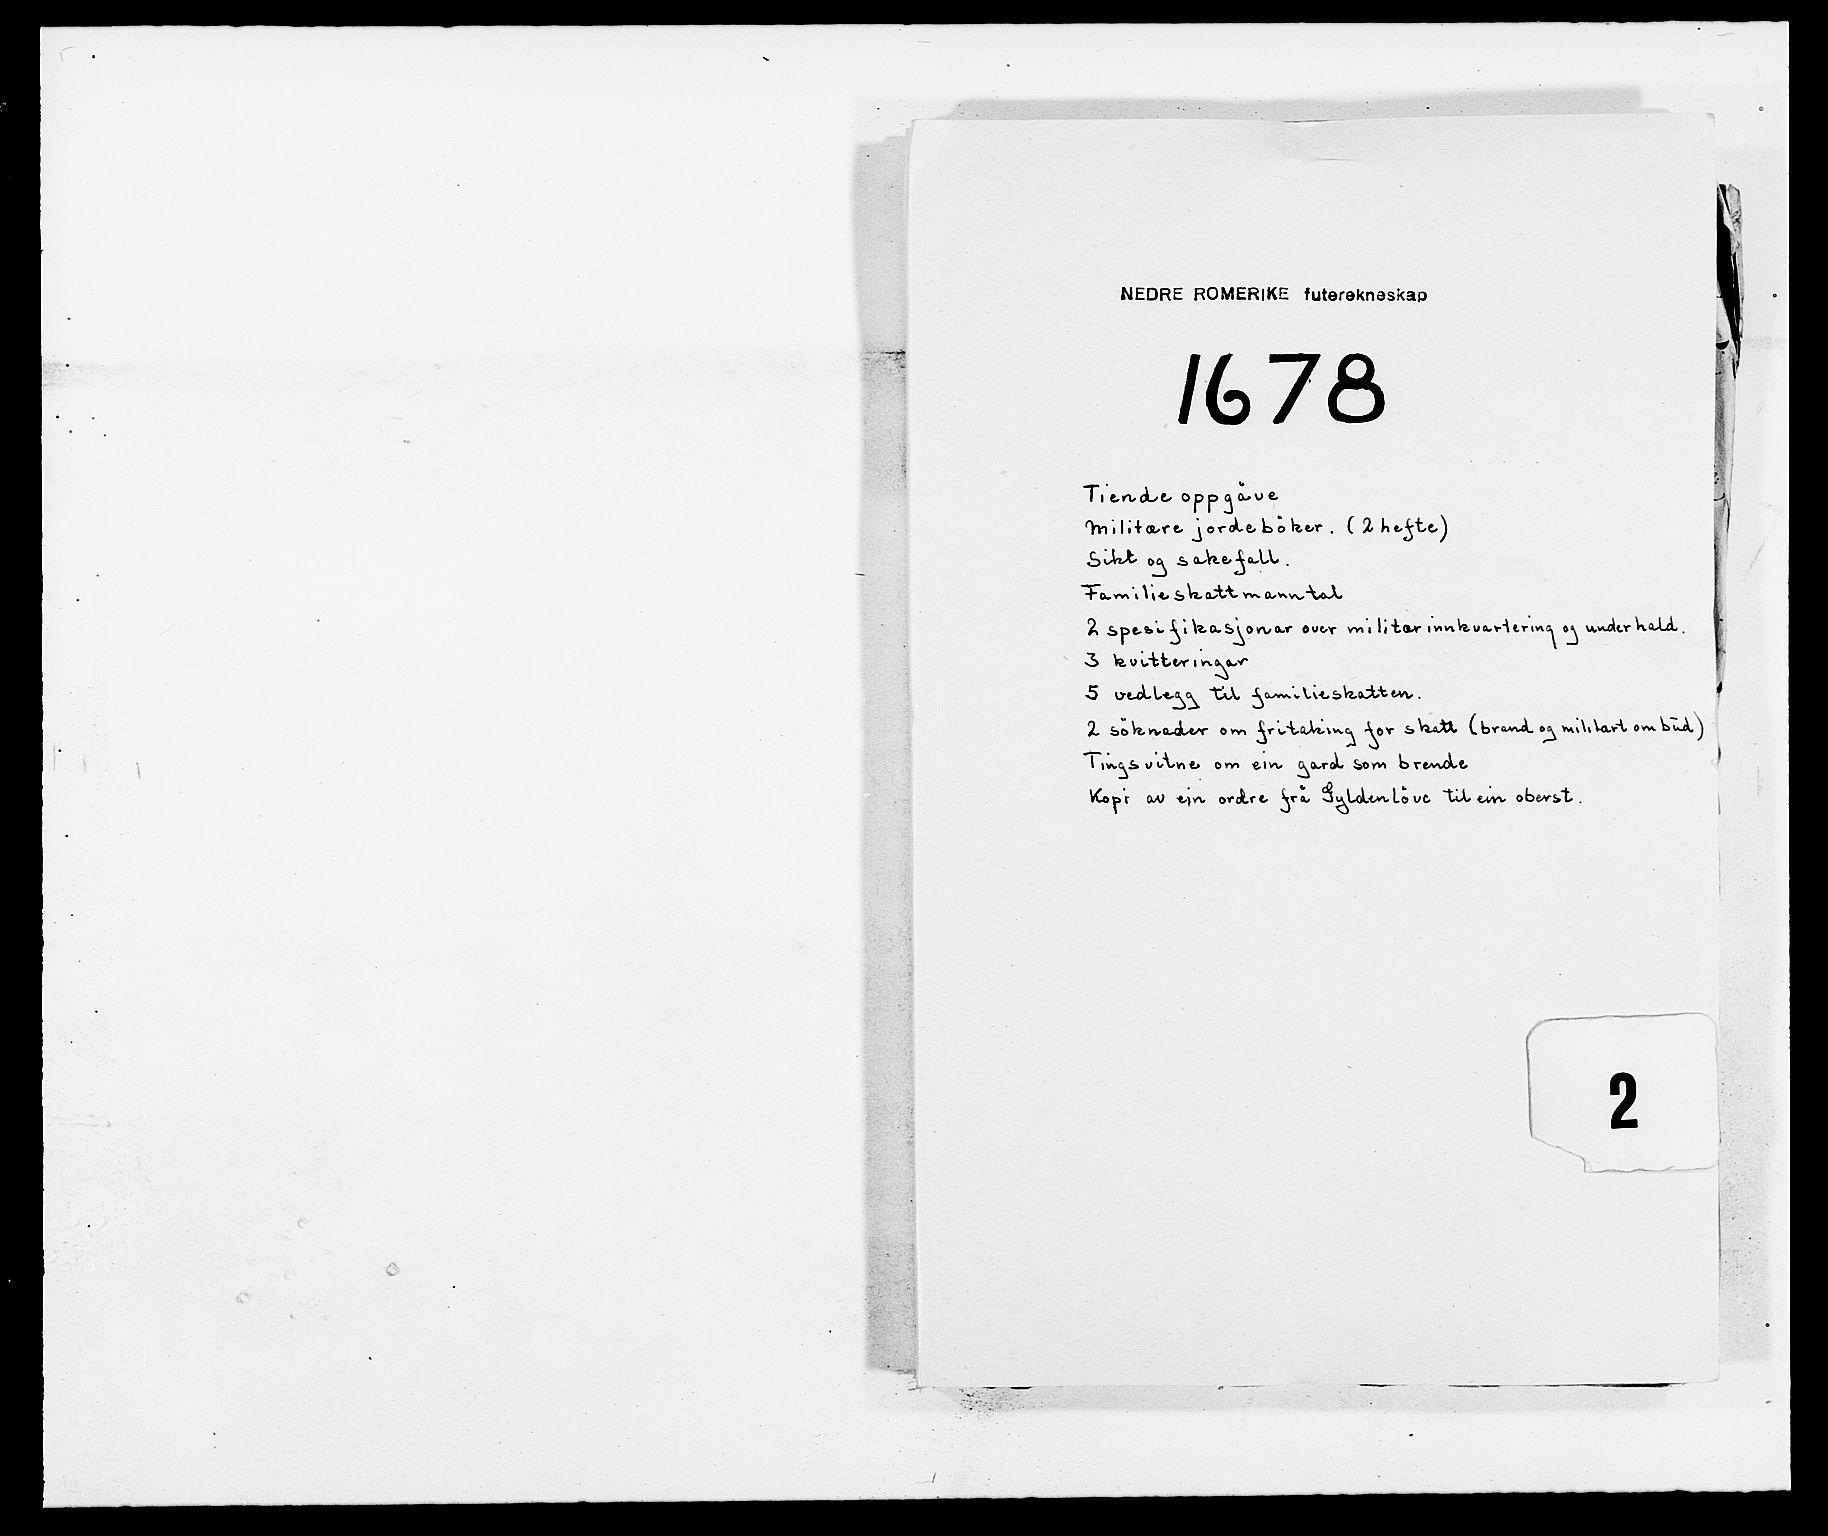 RA, Rentekammeret inntil 1814, Reviderte regnskaper, Fogderegnskap, R11/L0567: Fogderegnskap Nedre Romerike, 1678, s. 223